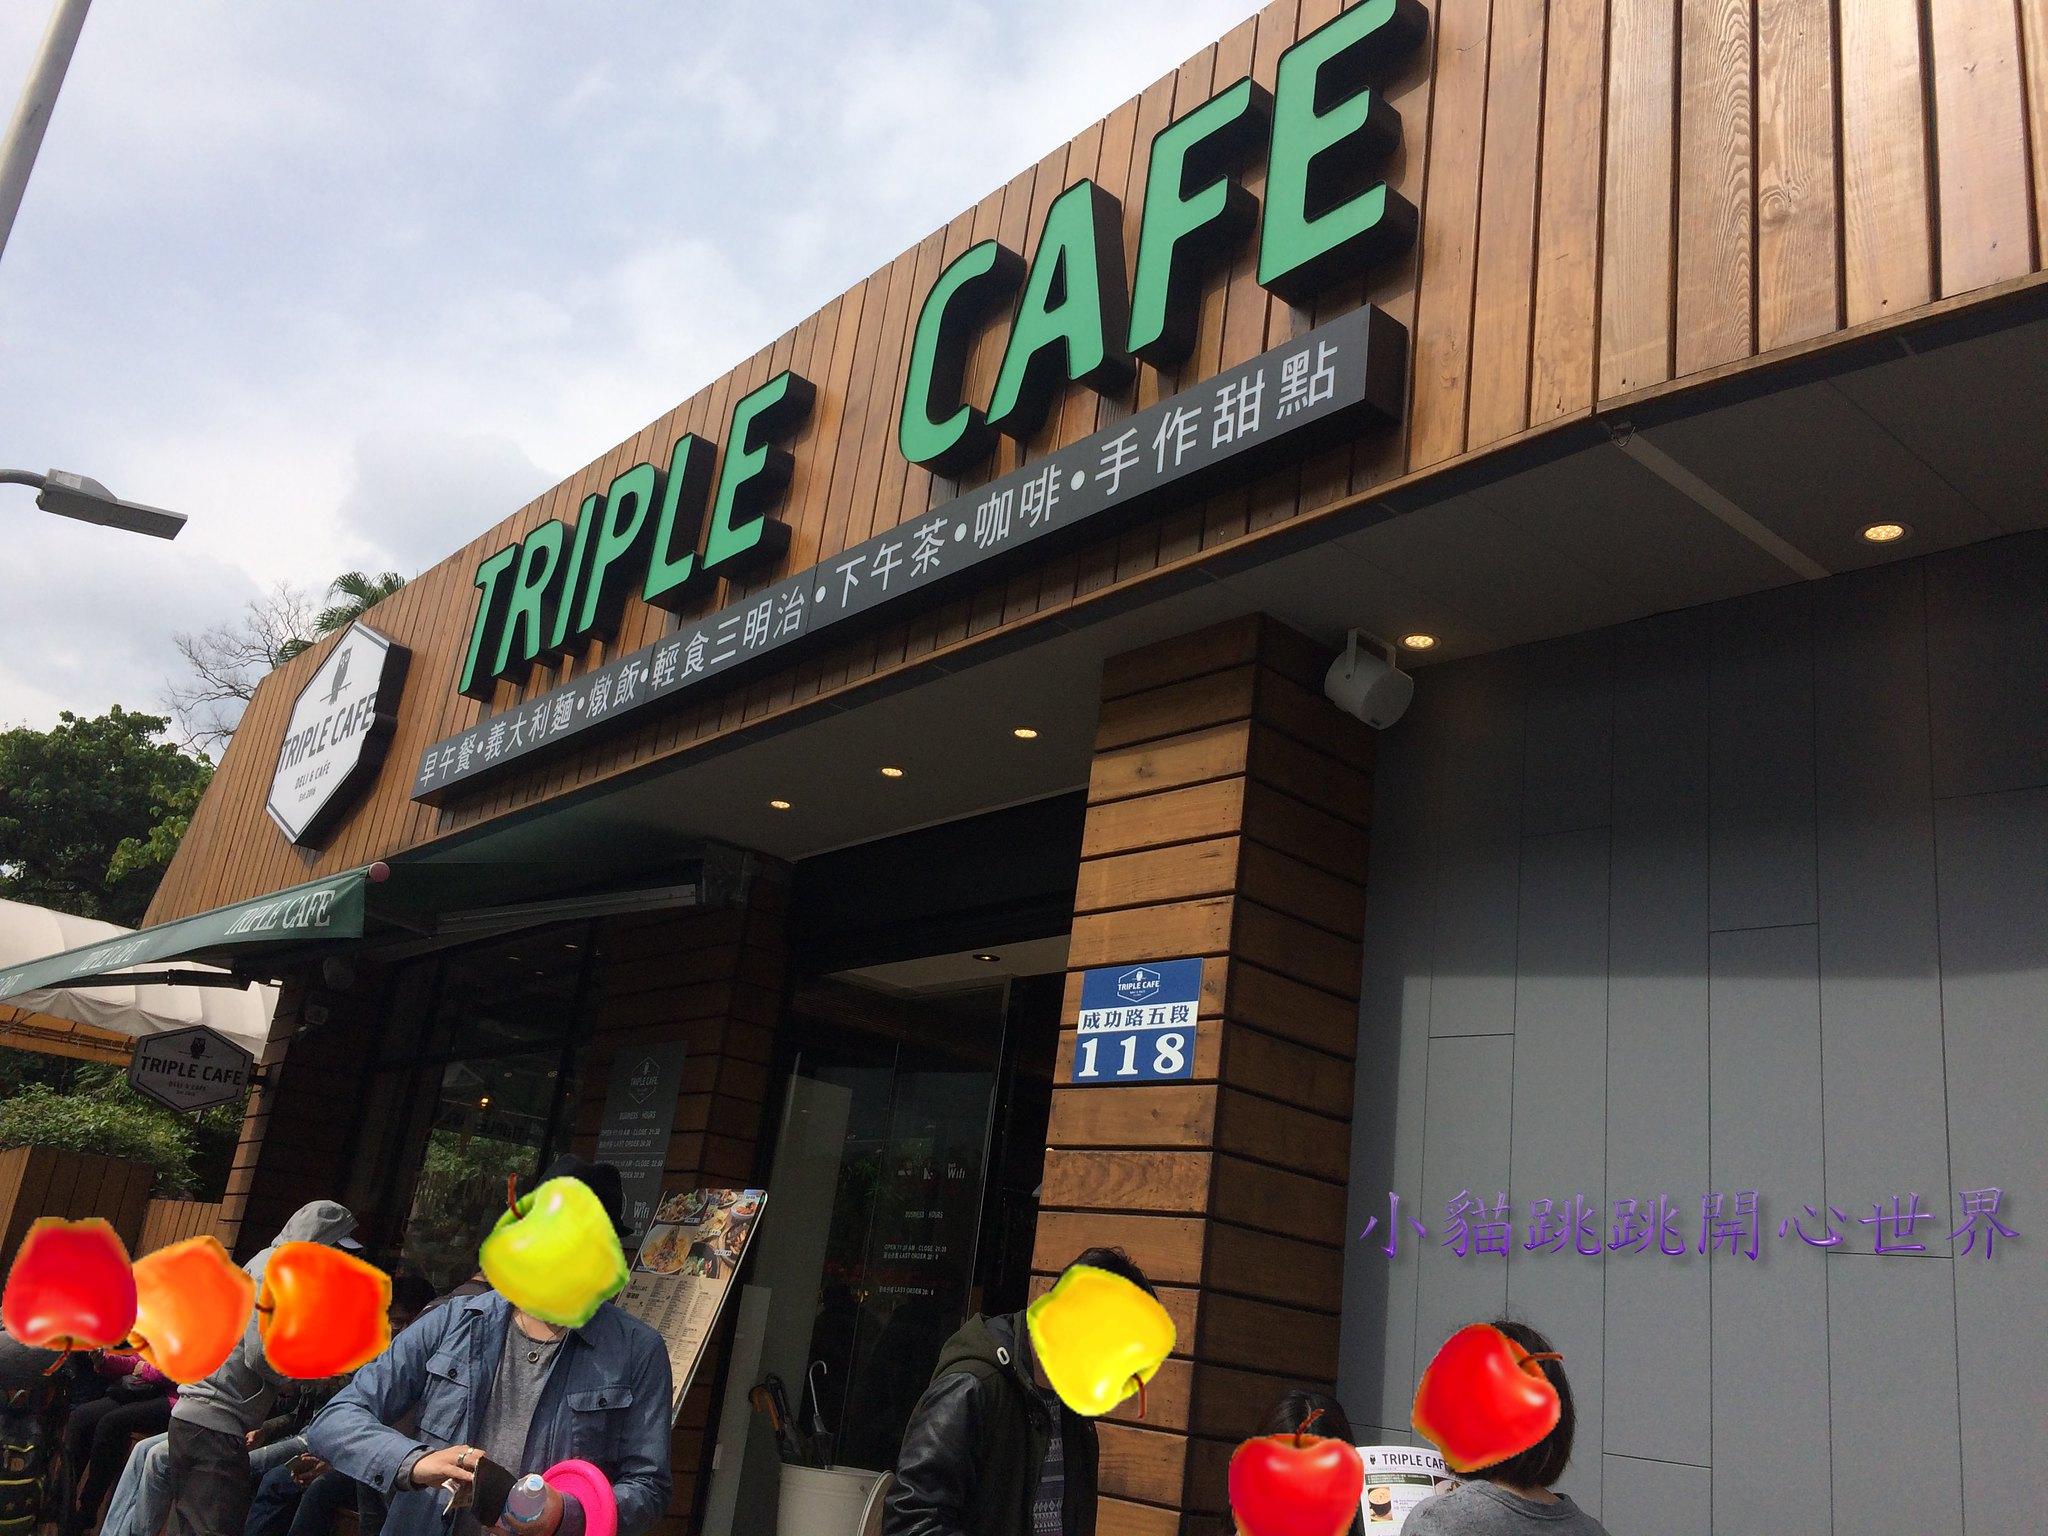 [臺北 內湖] Triple Cafe 美式輕食餐廳享樂親子空間